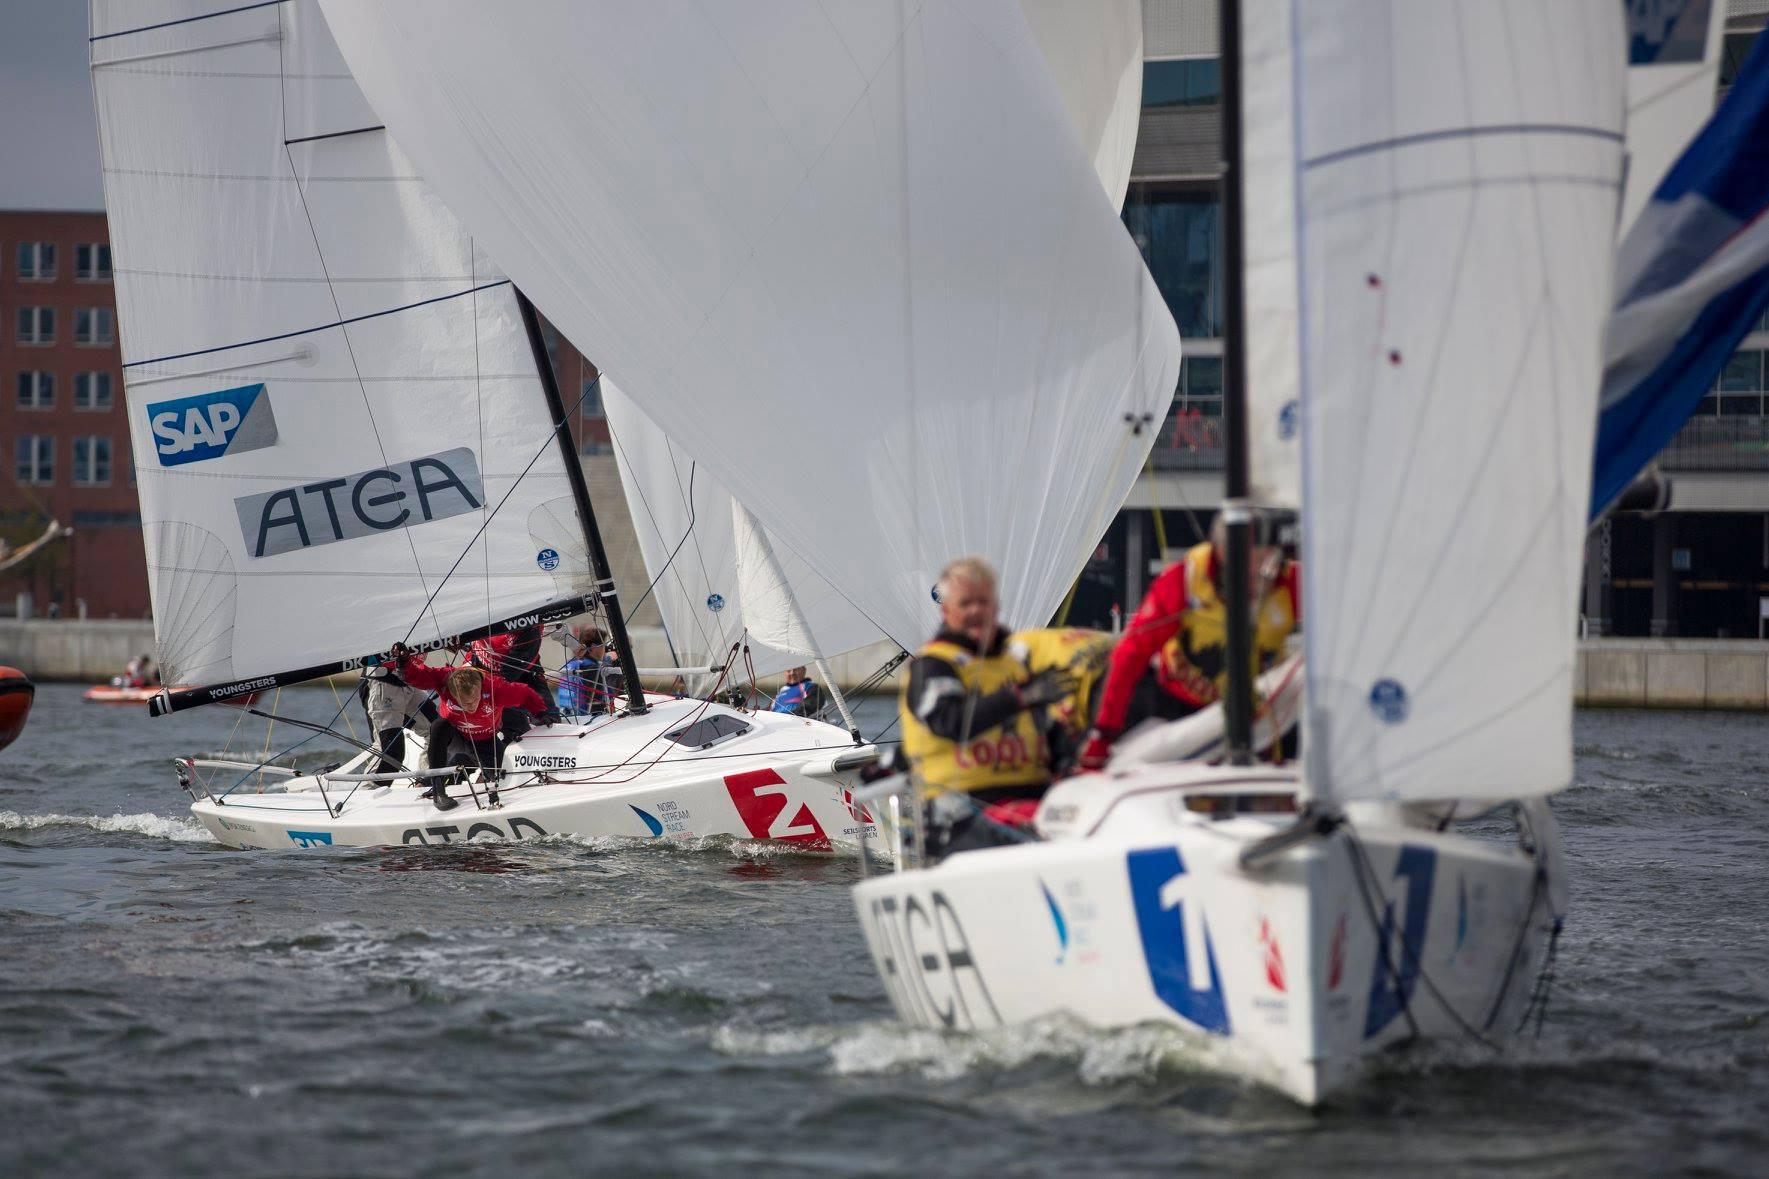 Der er udsigt til yderligere vækst i det danske J/70-miljø, som efterhånden nærmer sig 50 både i klubregi. Foto: Frederik Sivertsen/Dansk Sejlunion